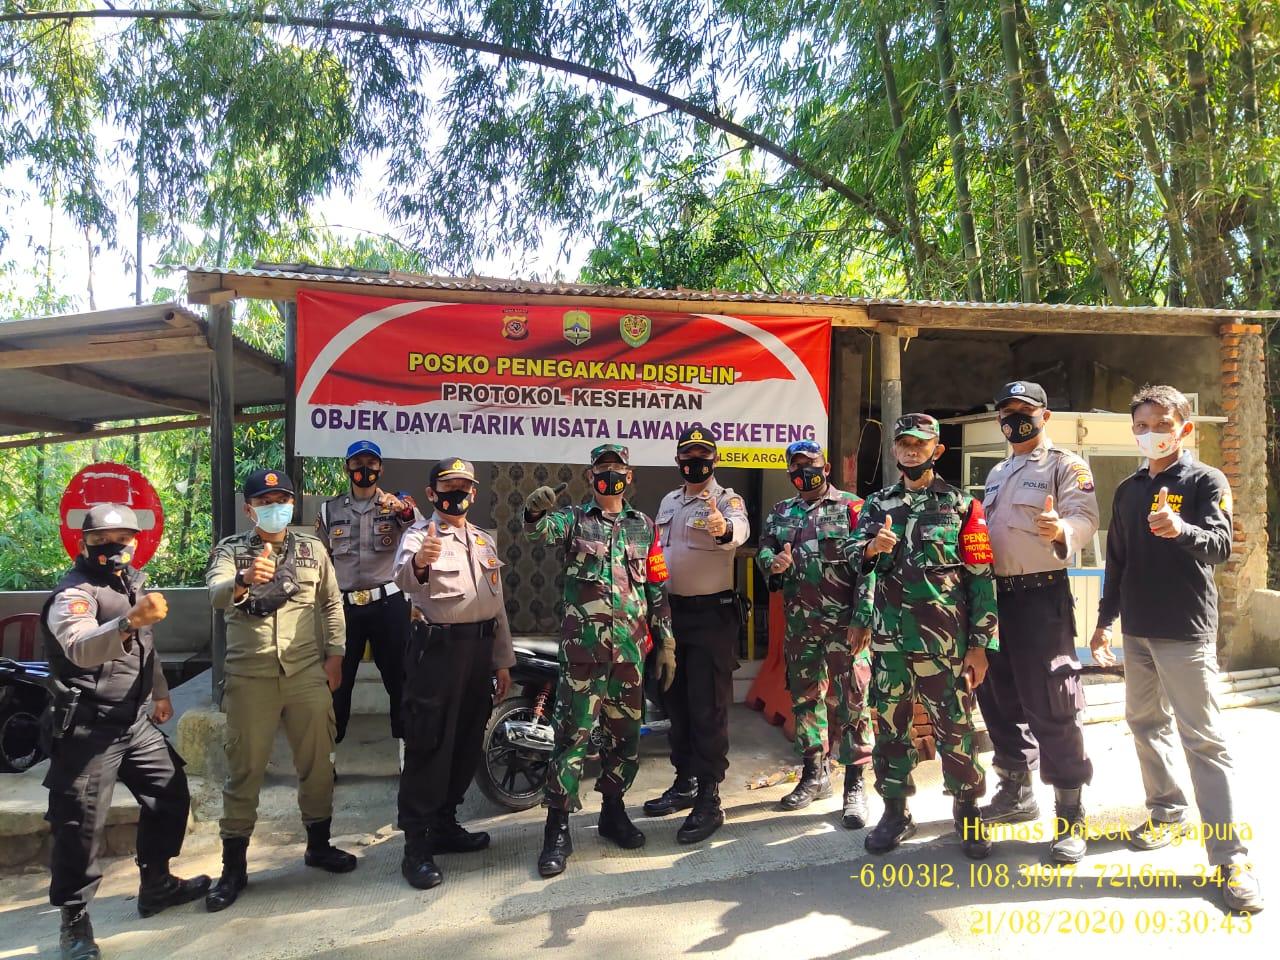 Patroli Obyek Wisata, Polsek Argapura Bersama Muspika Bagikan Masker Gratis dan Sampaikan Protokol Kesehatan